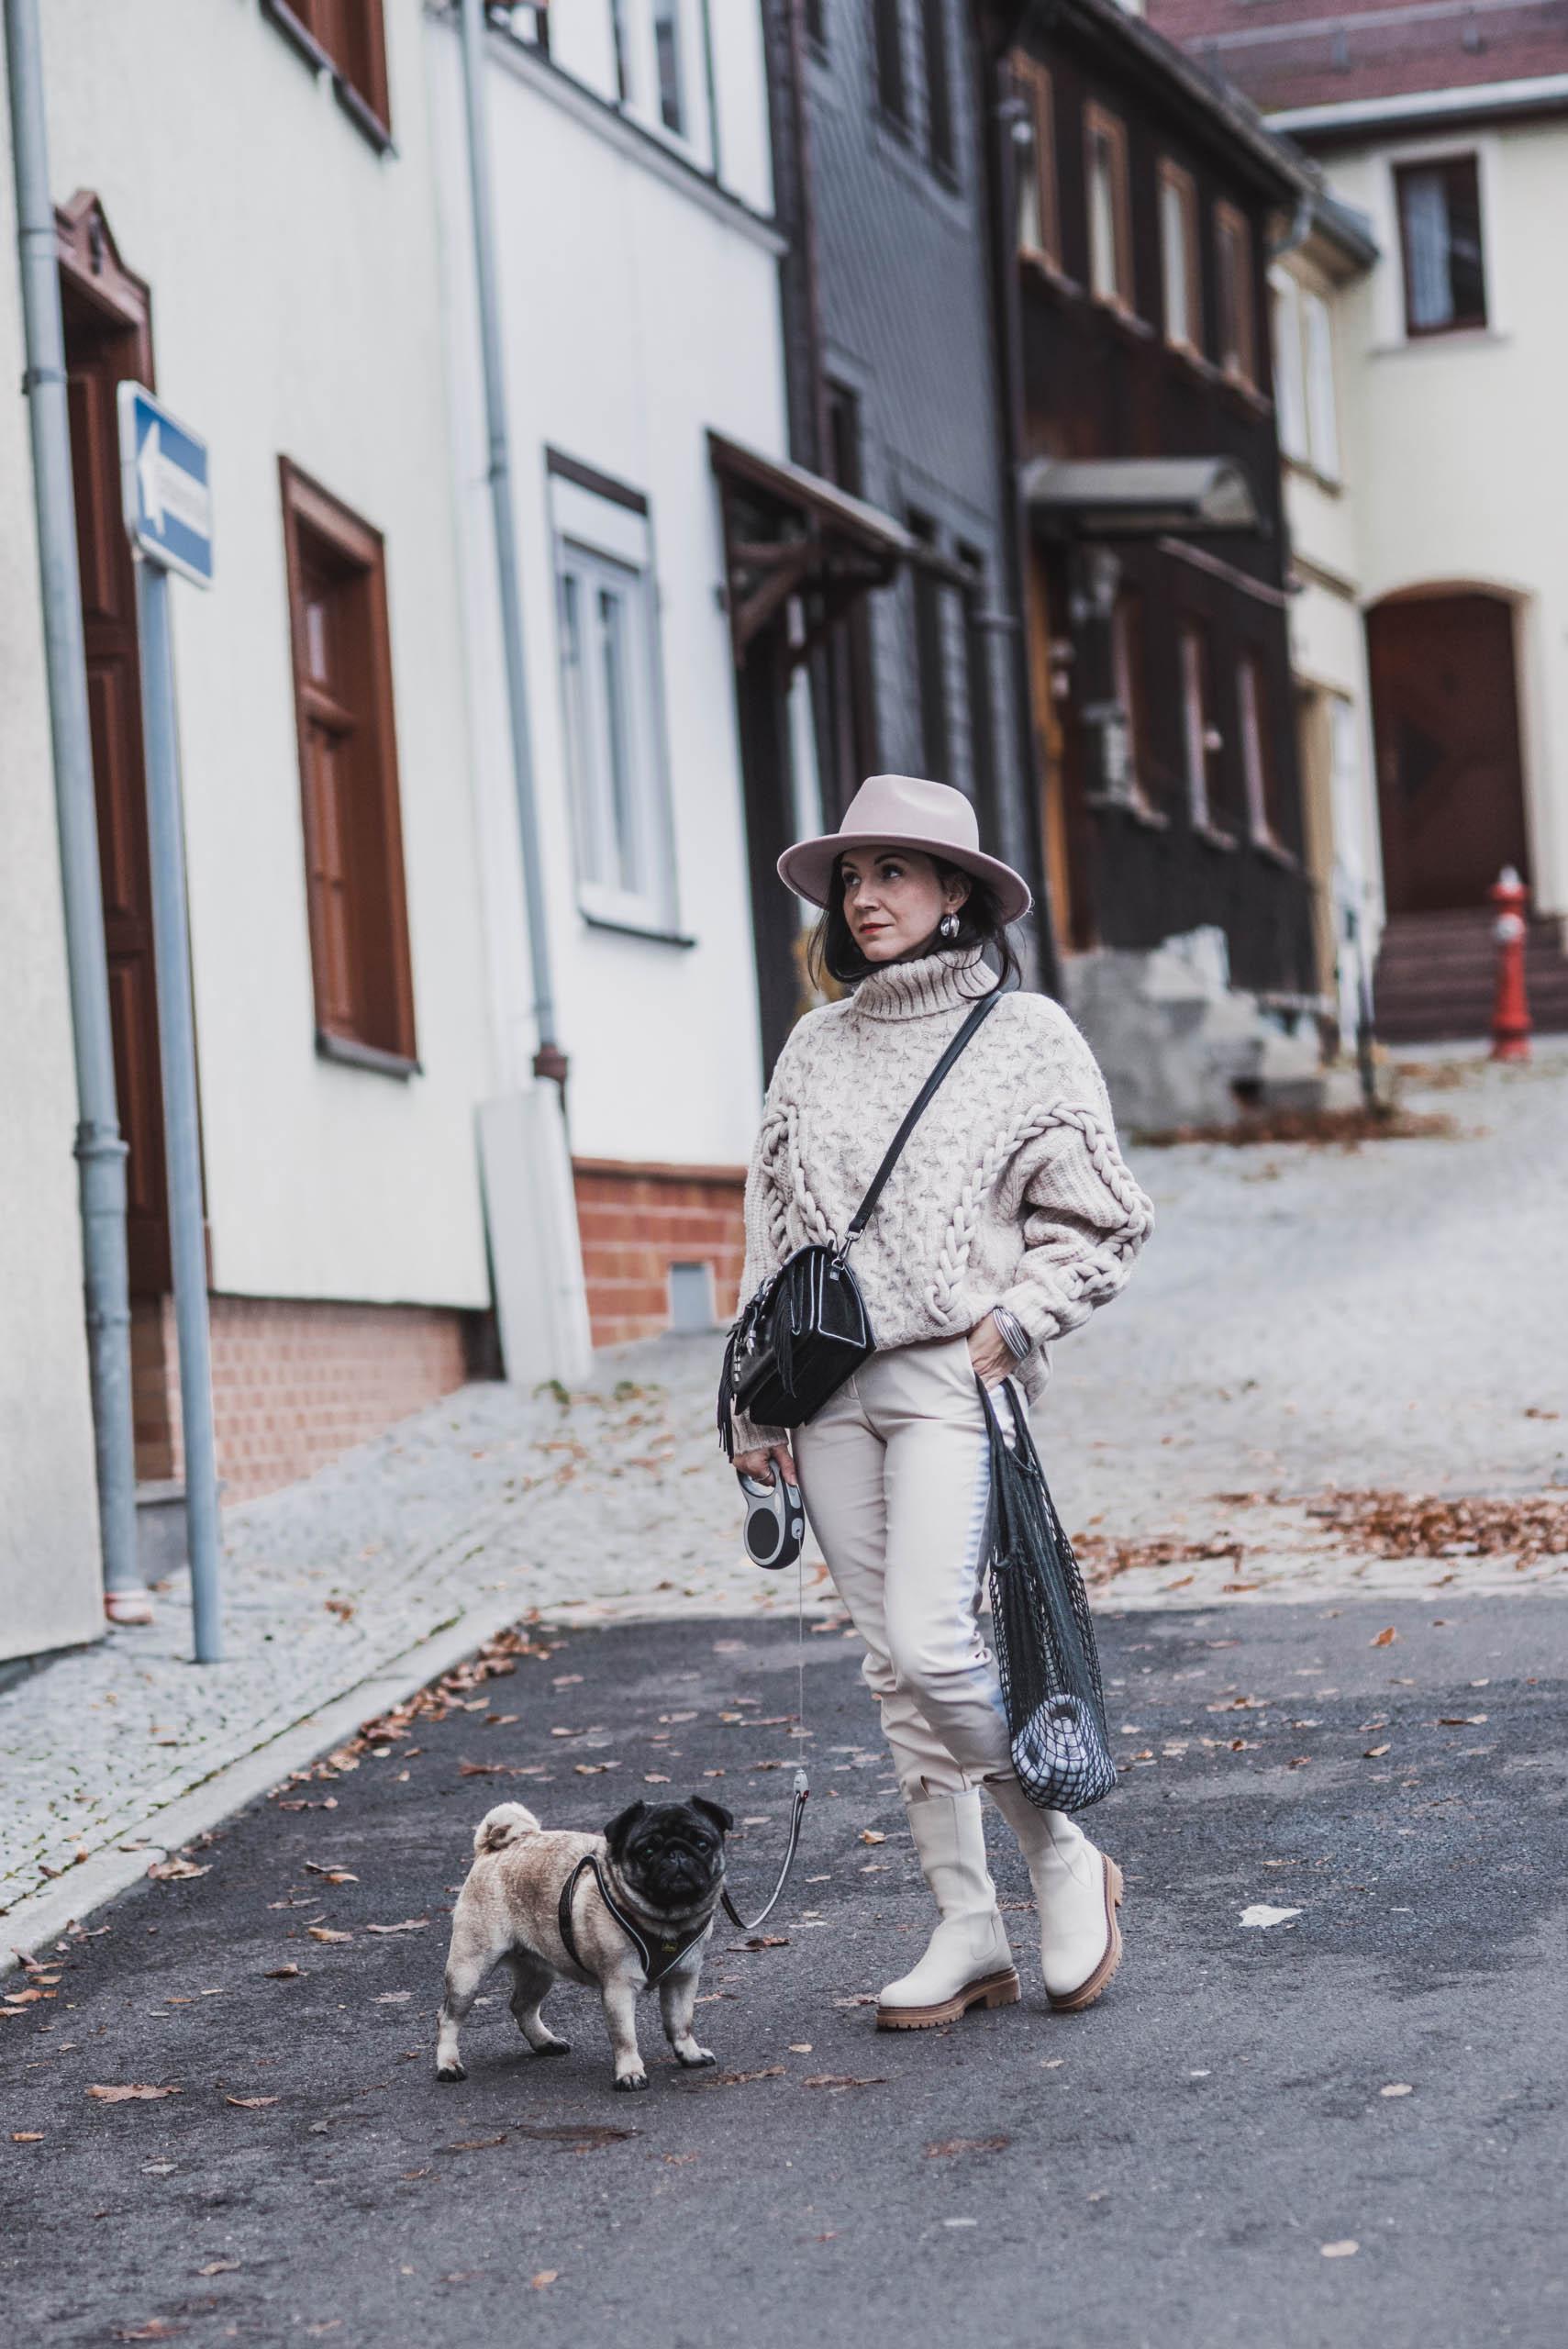 Das sind die wichtigsten Pullover Trends 2020/21 Julies Dresscode Fashion & Lifestyle Blog